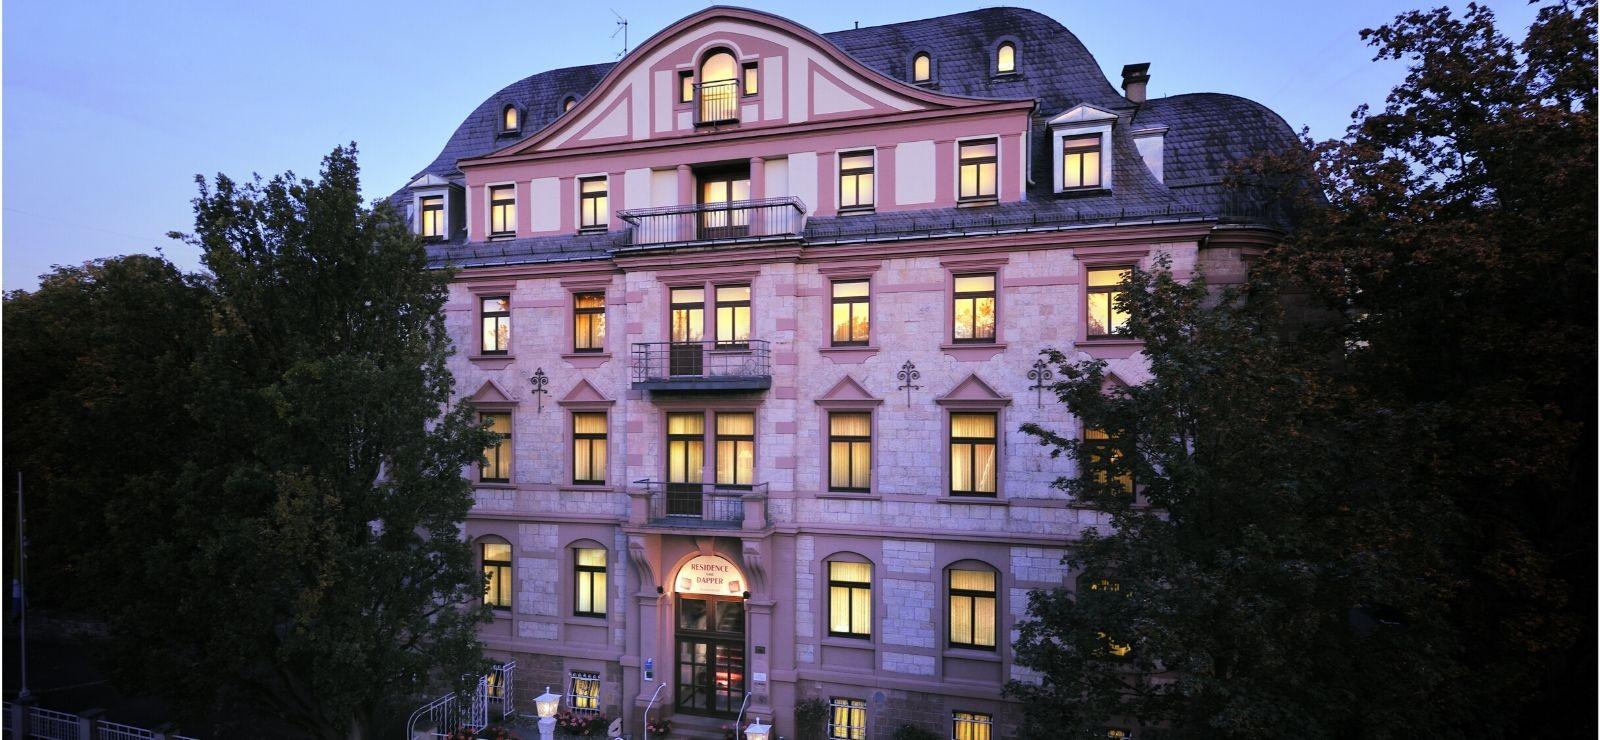 Dappers Hotel |Spa | Genuss Bilder | Bild 1